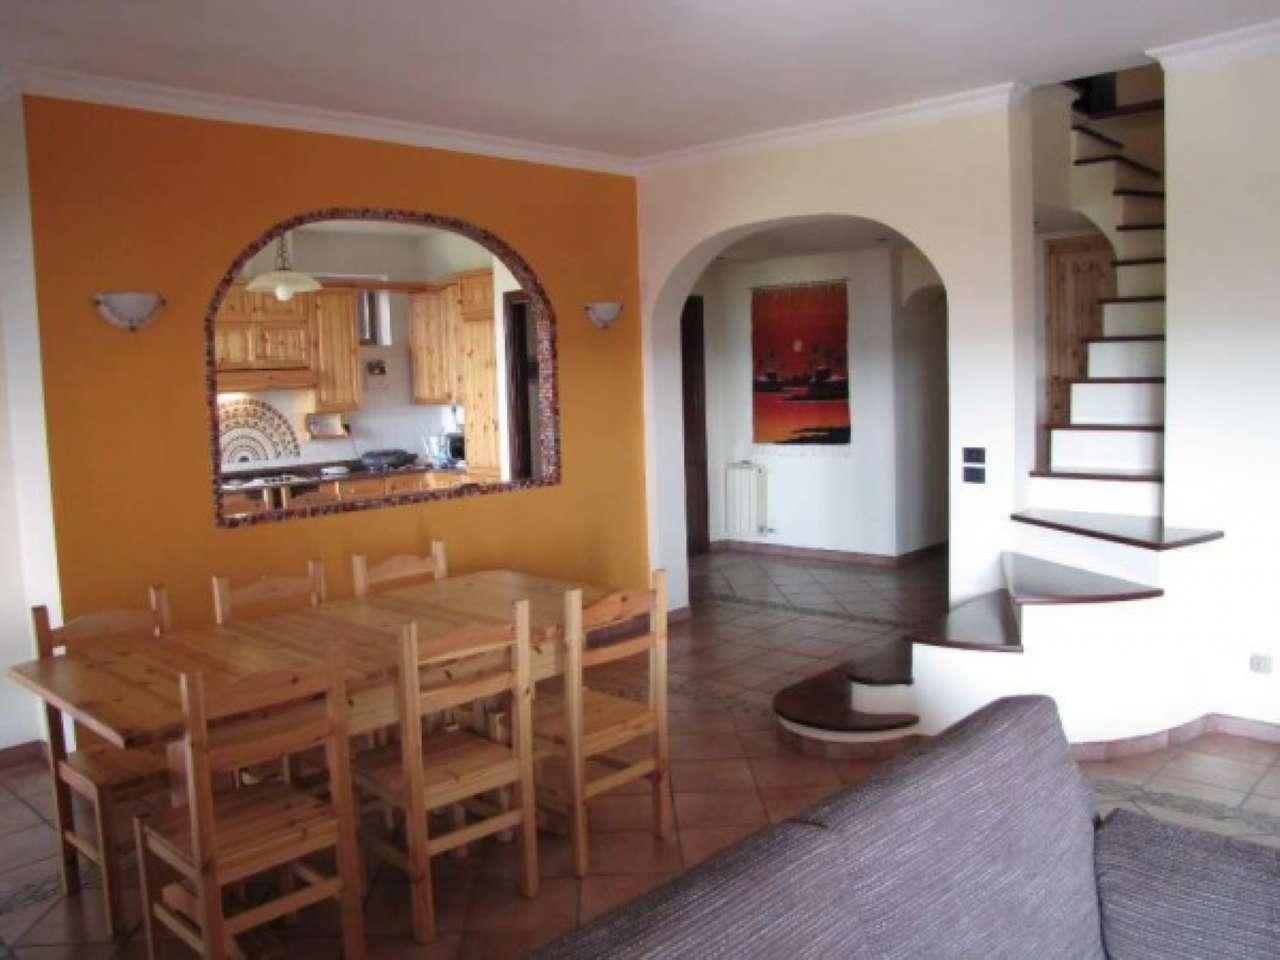 Attico / Mansarda in vendita a Cesano Maderno, 5 locali, prezzo € 209.000 | Cambio Casa.it